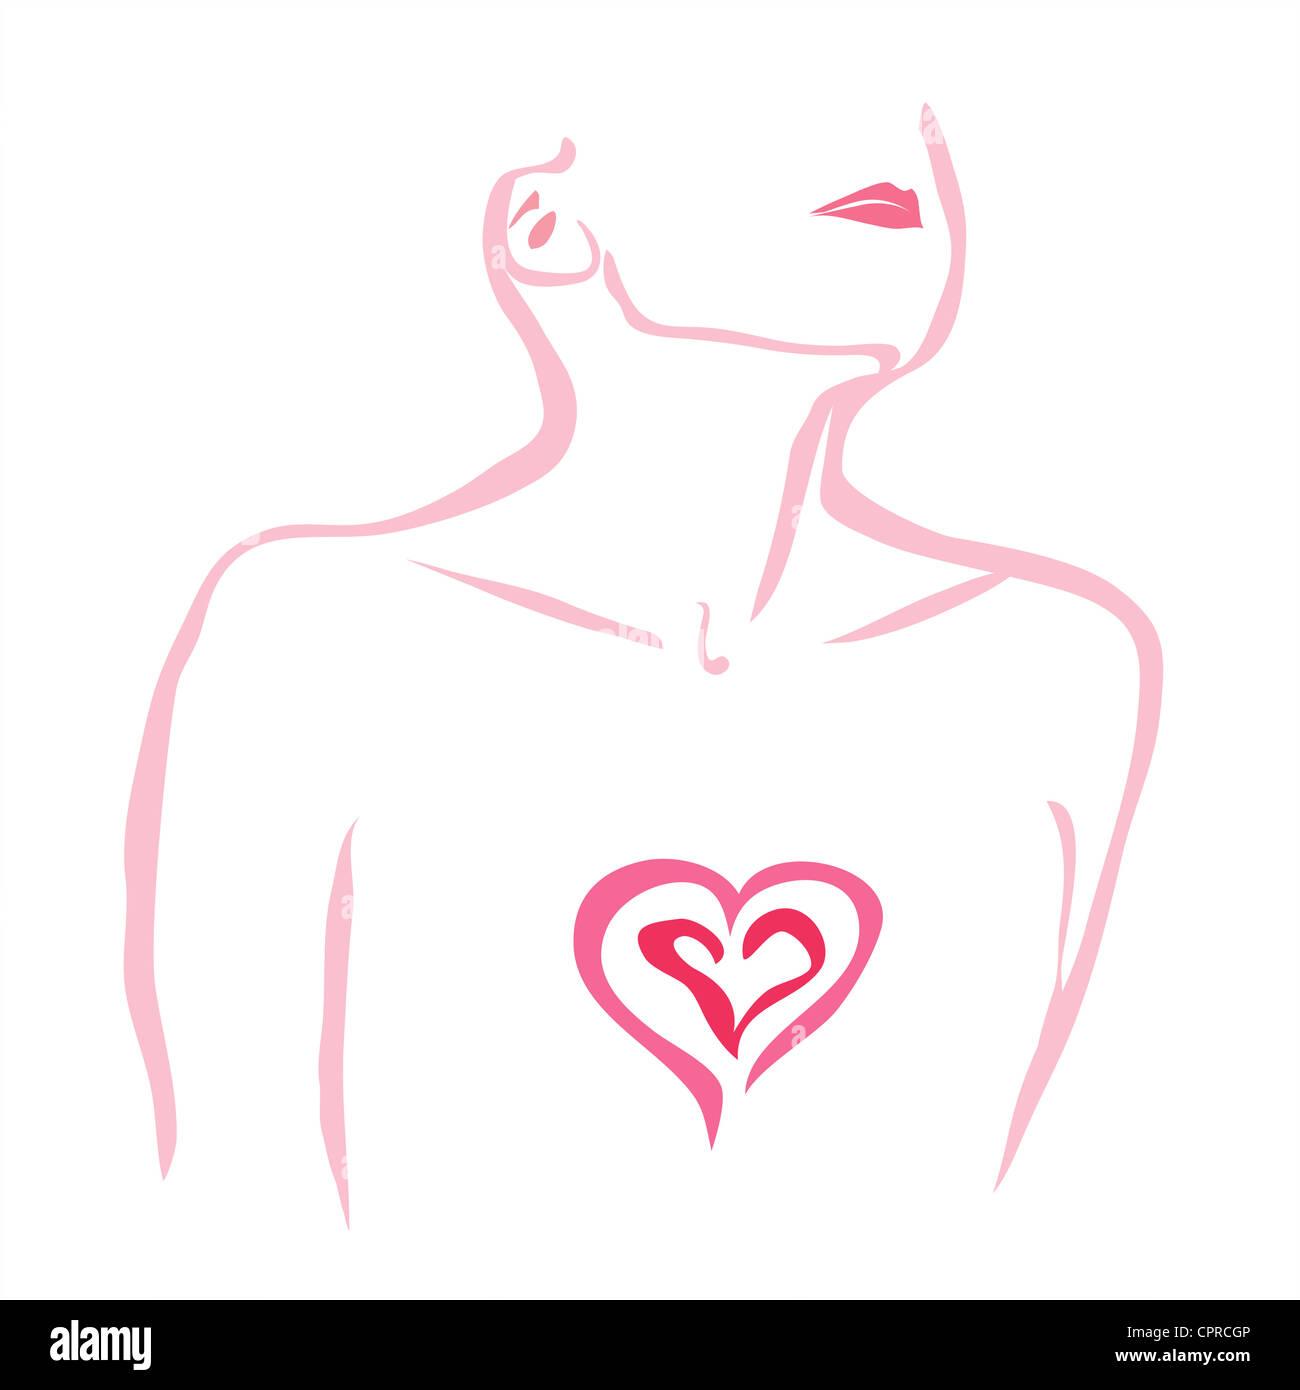 Angustia. Donna con il suo cuore esposto. Foto Stock